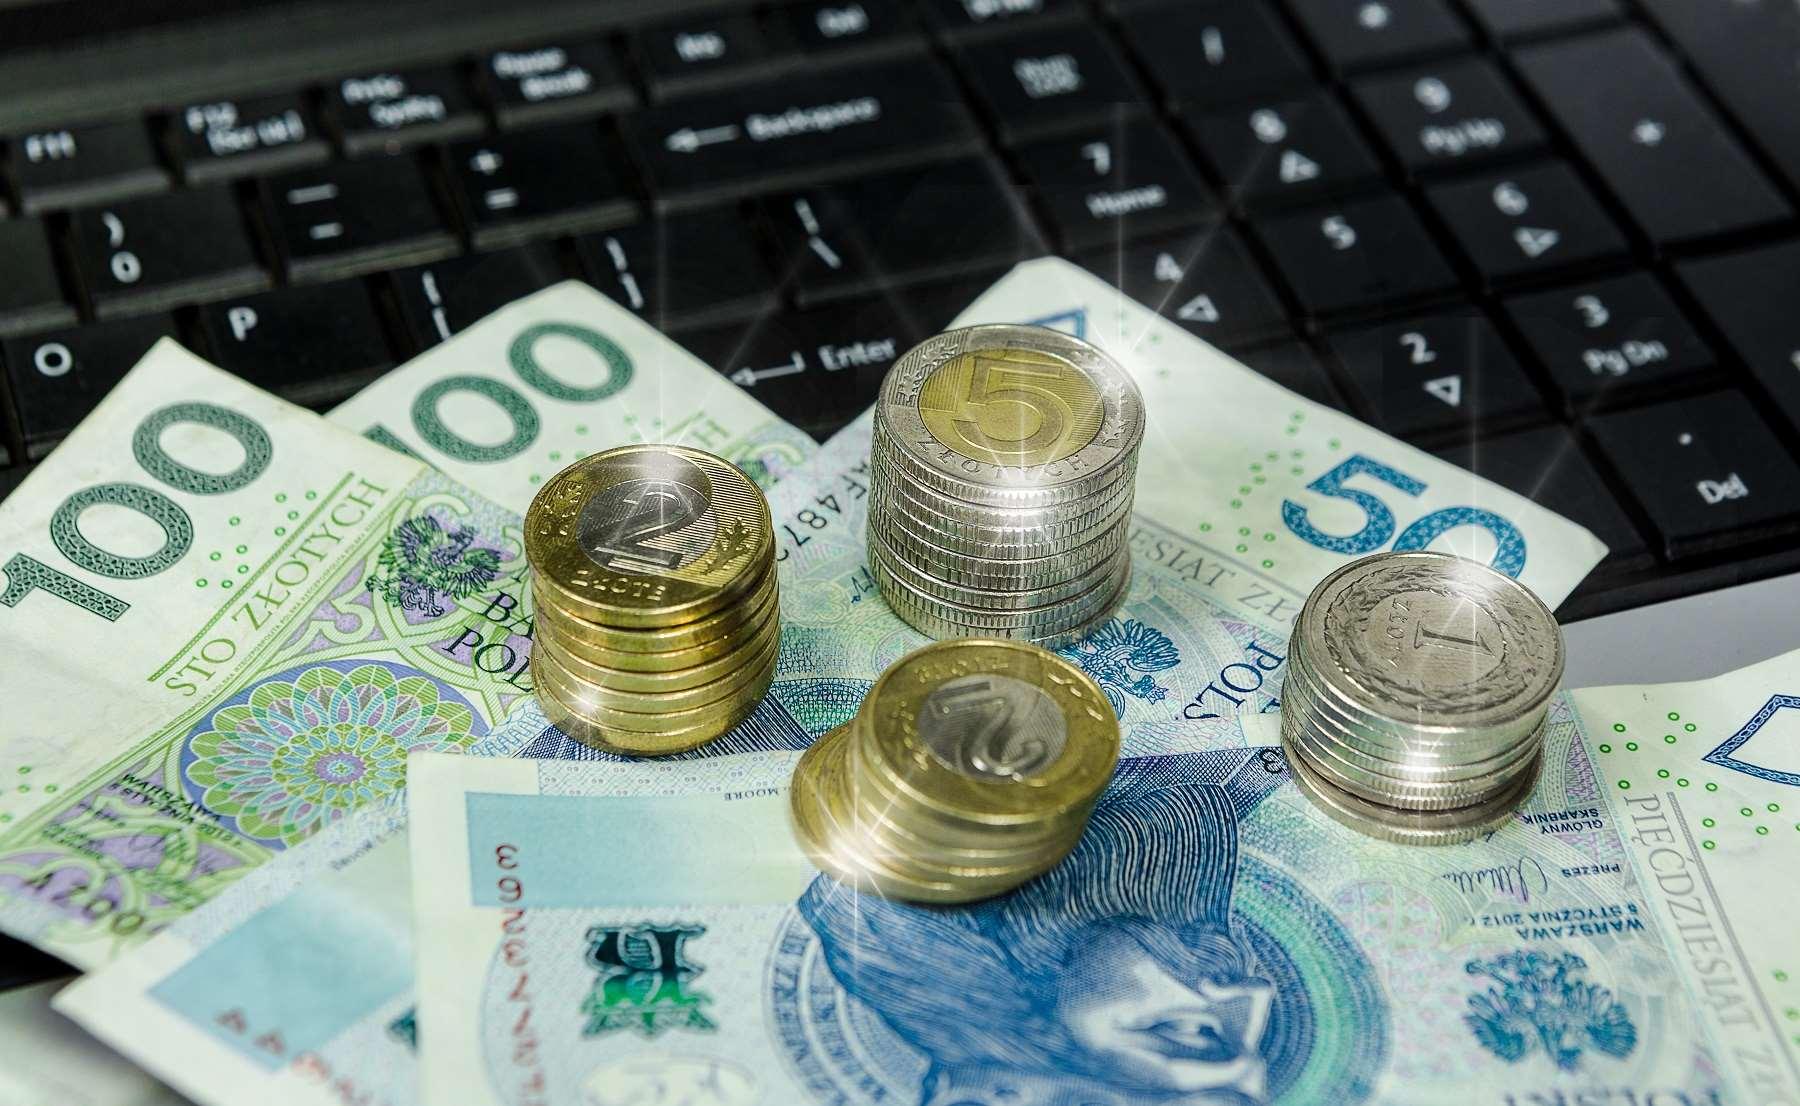 Wynagrodzenie zasadnicze a wynagrodzenie minimalne – czym się różnią?